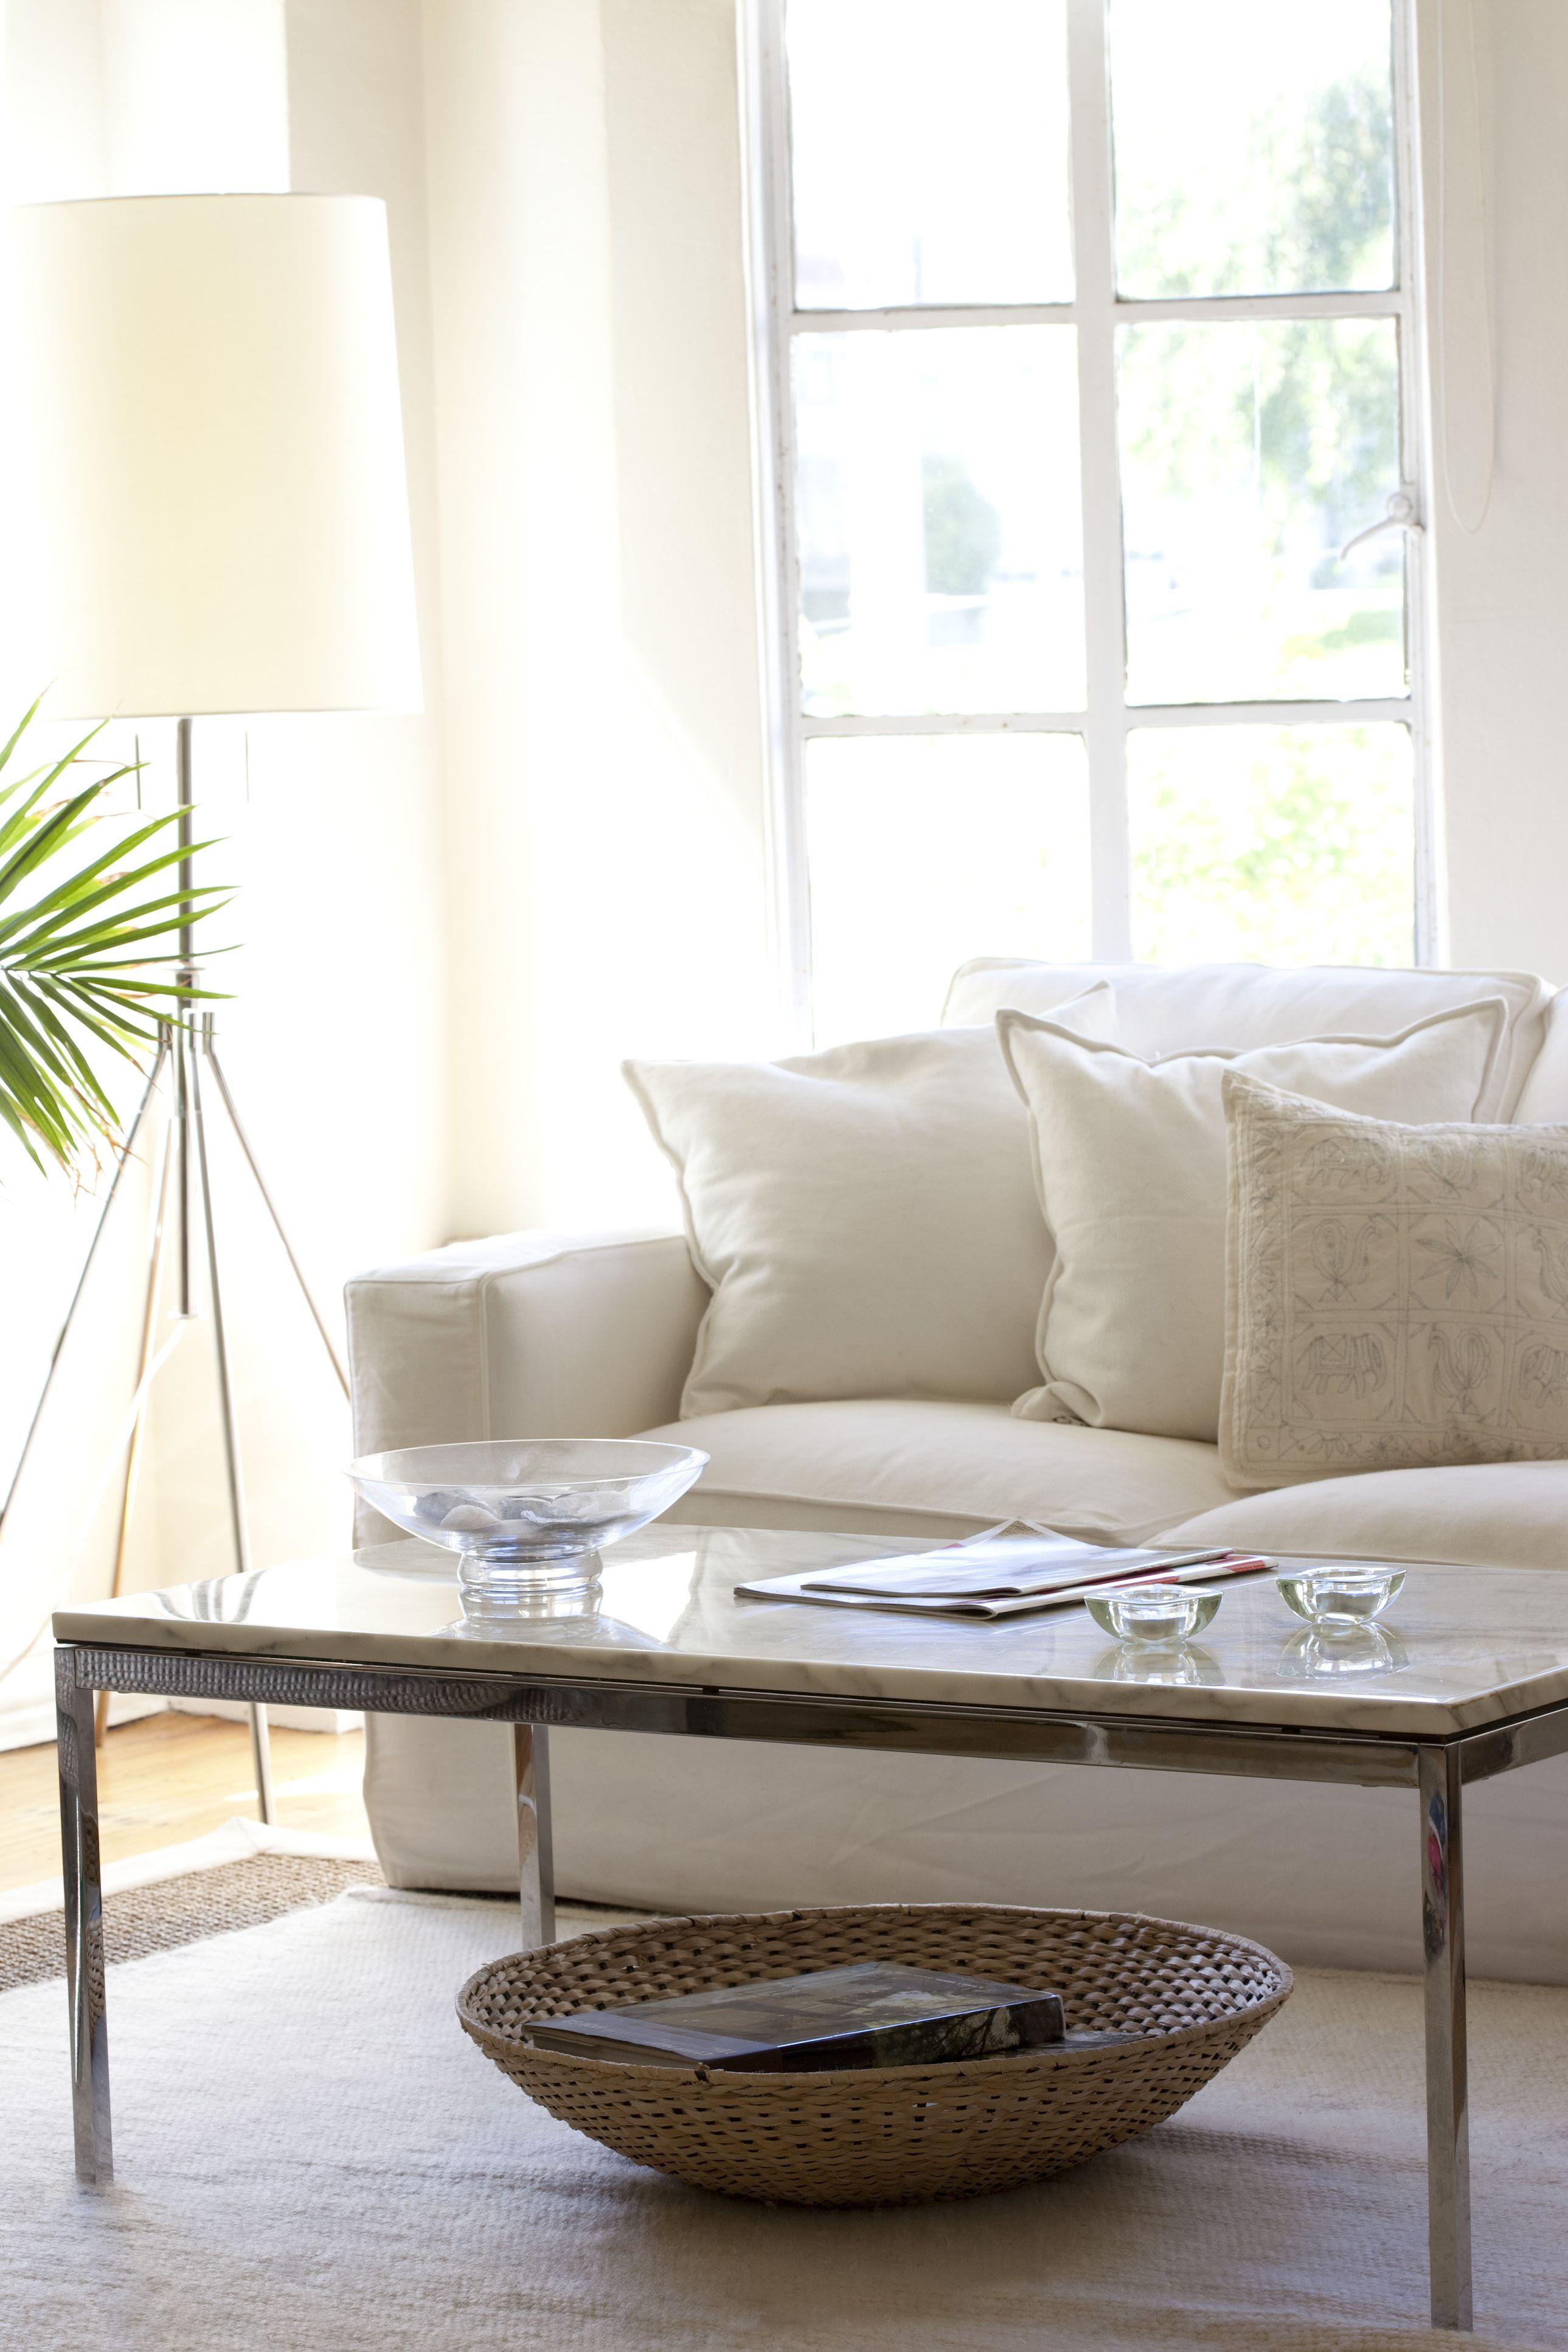 10 Consejos para decorar tu sala sin gastar mucho dinero